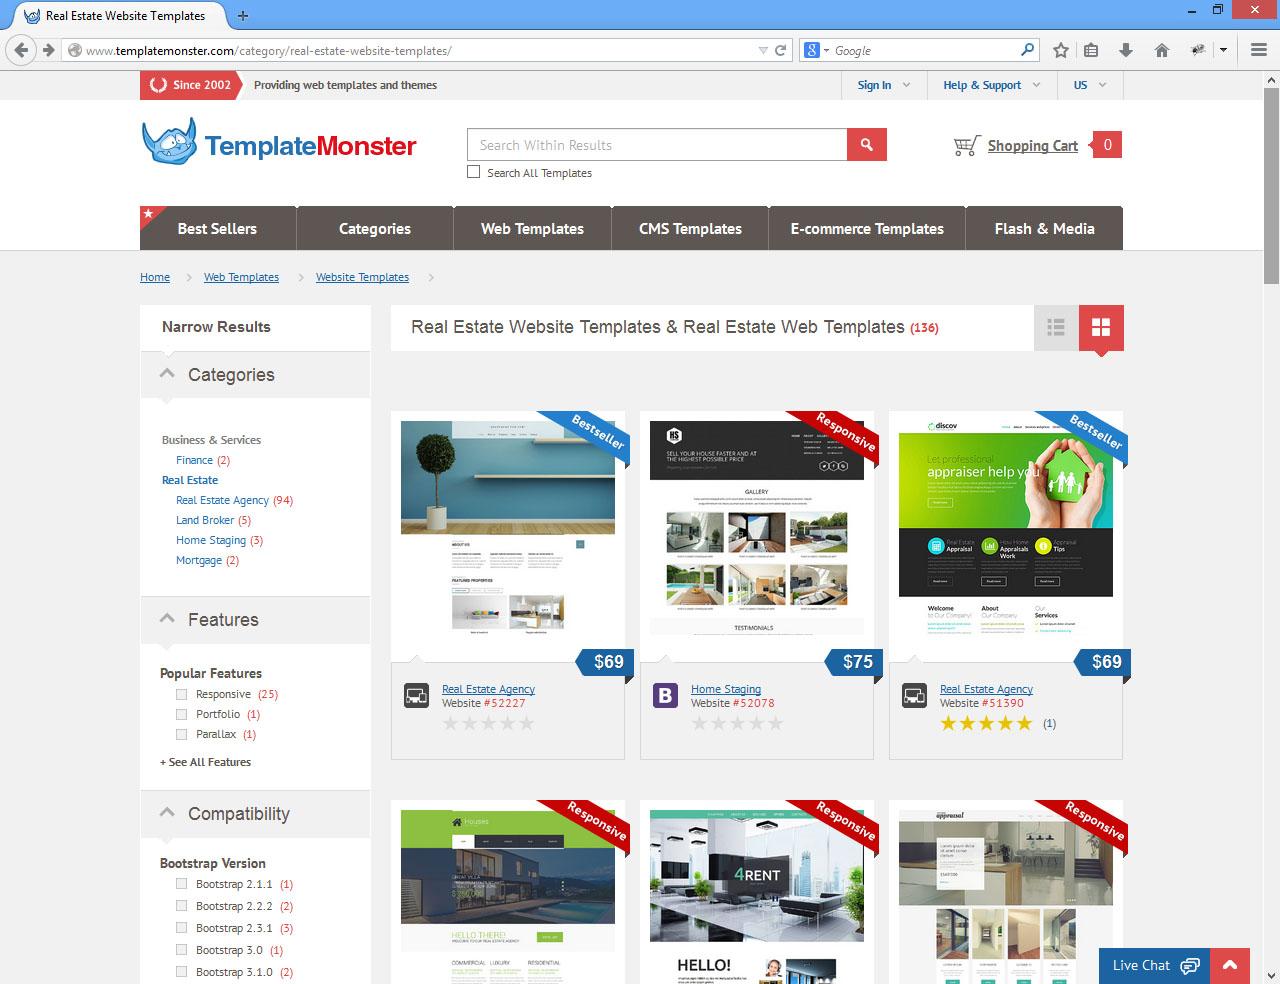 Página de Busqueda de templatemonster.com